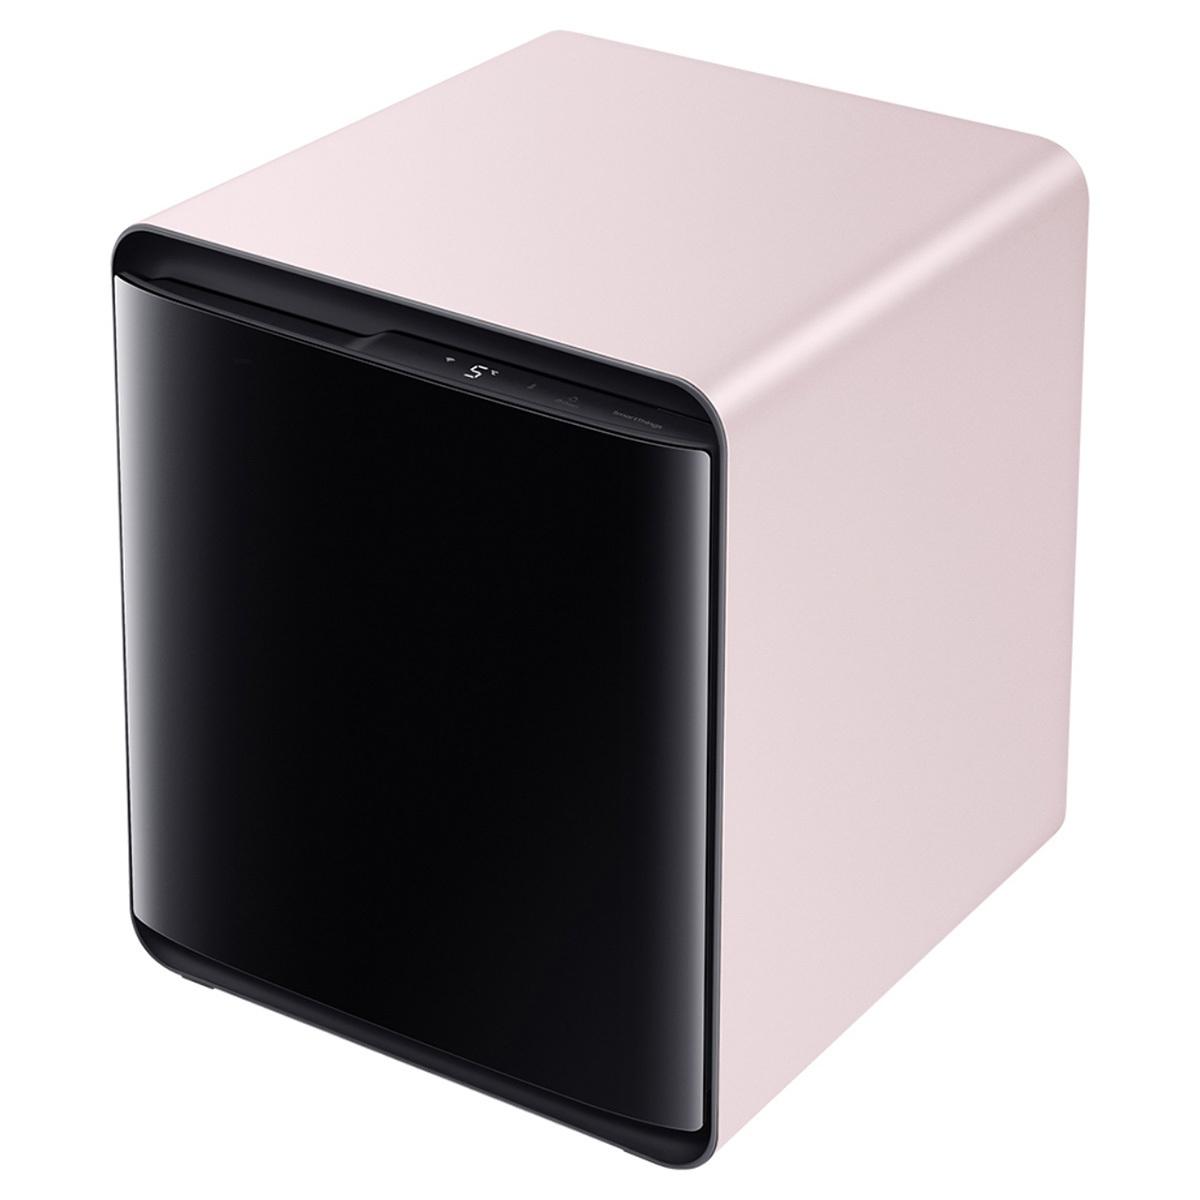 삼성 비스포크 큐브 냉장고 25L 멀티 수납존, 코타화이트 (POP 4847157777)